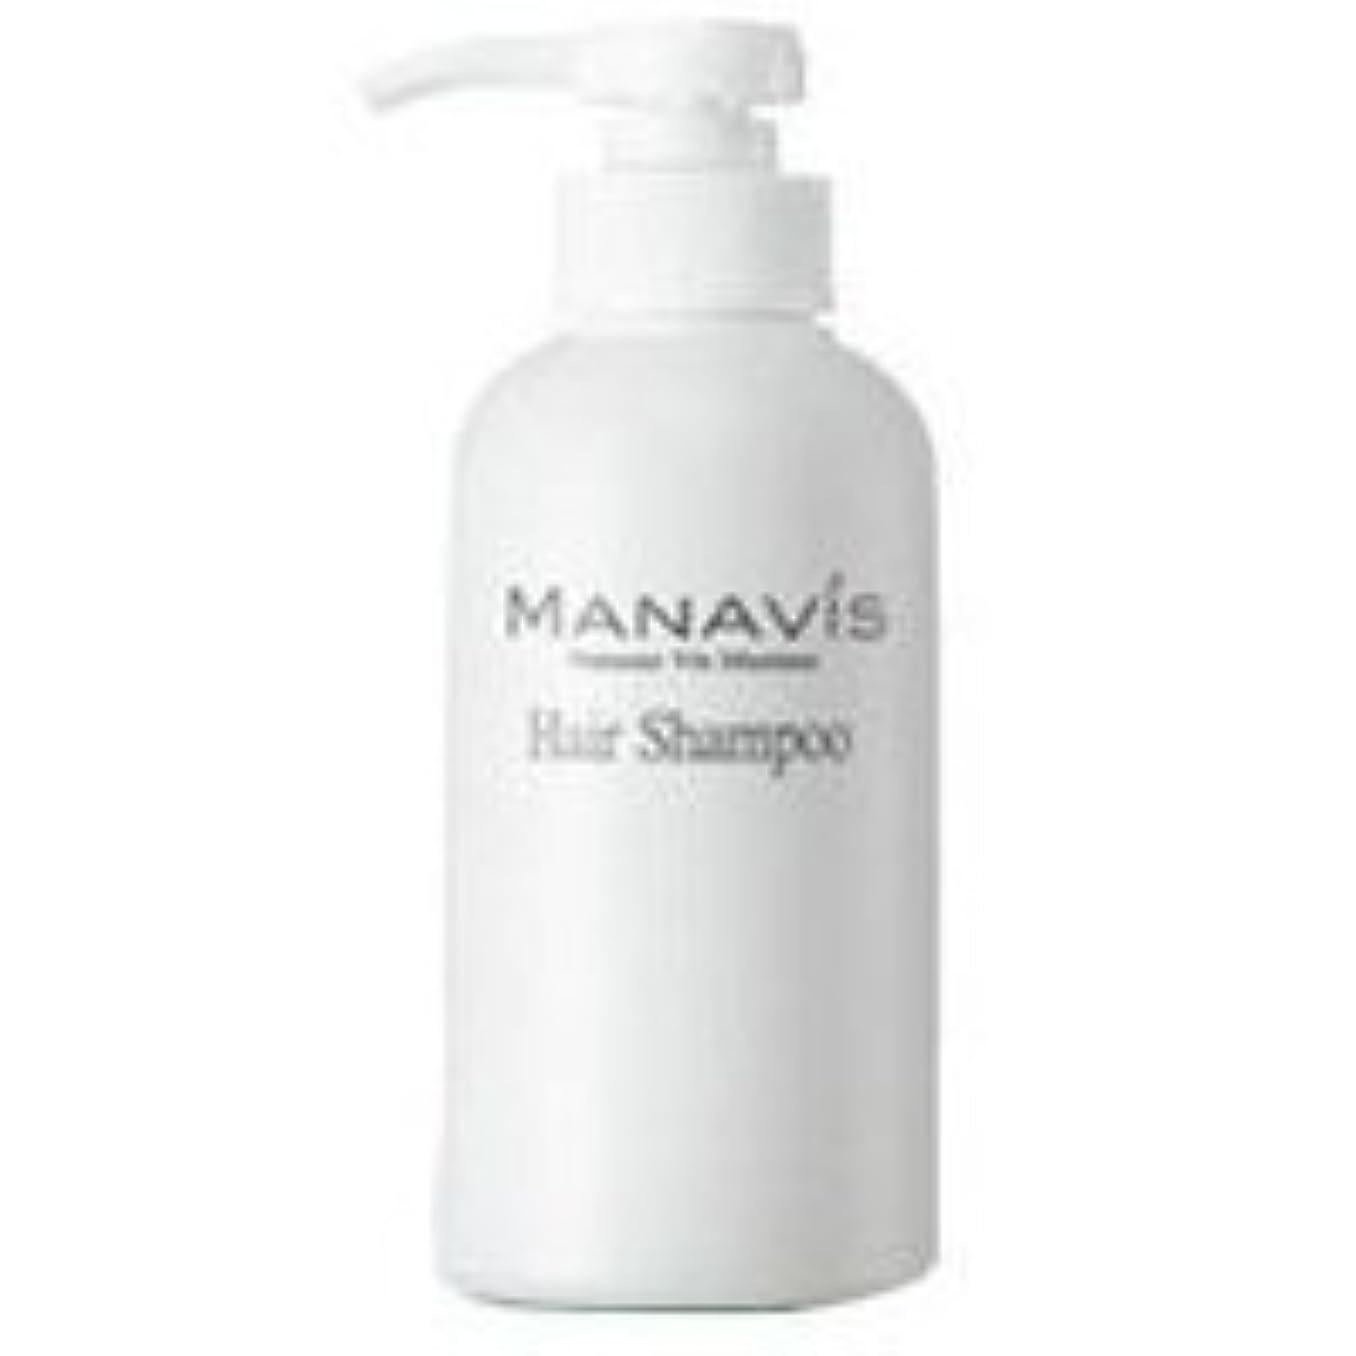 容疑者病作詞家MANAVIS マナビス化粧品 薬用シャンプー